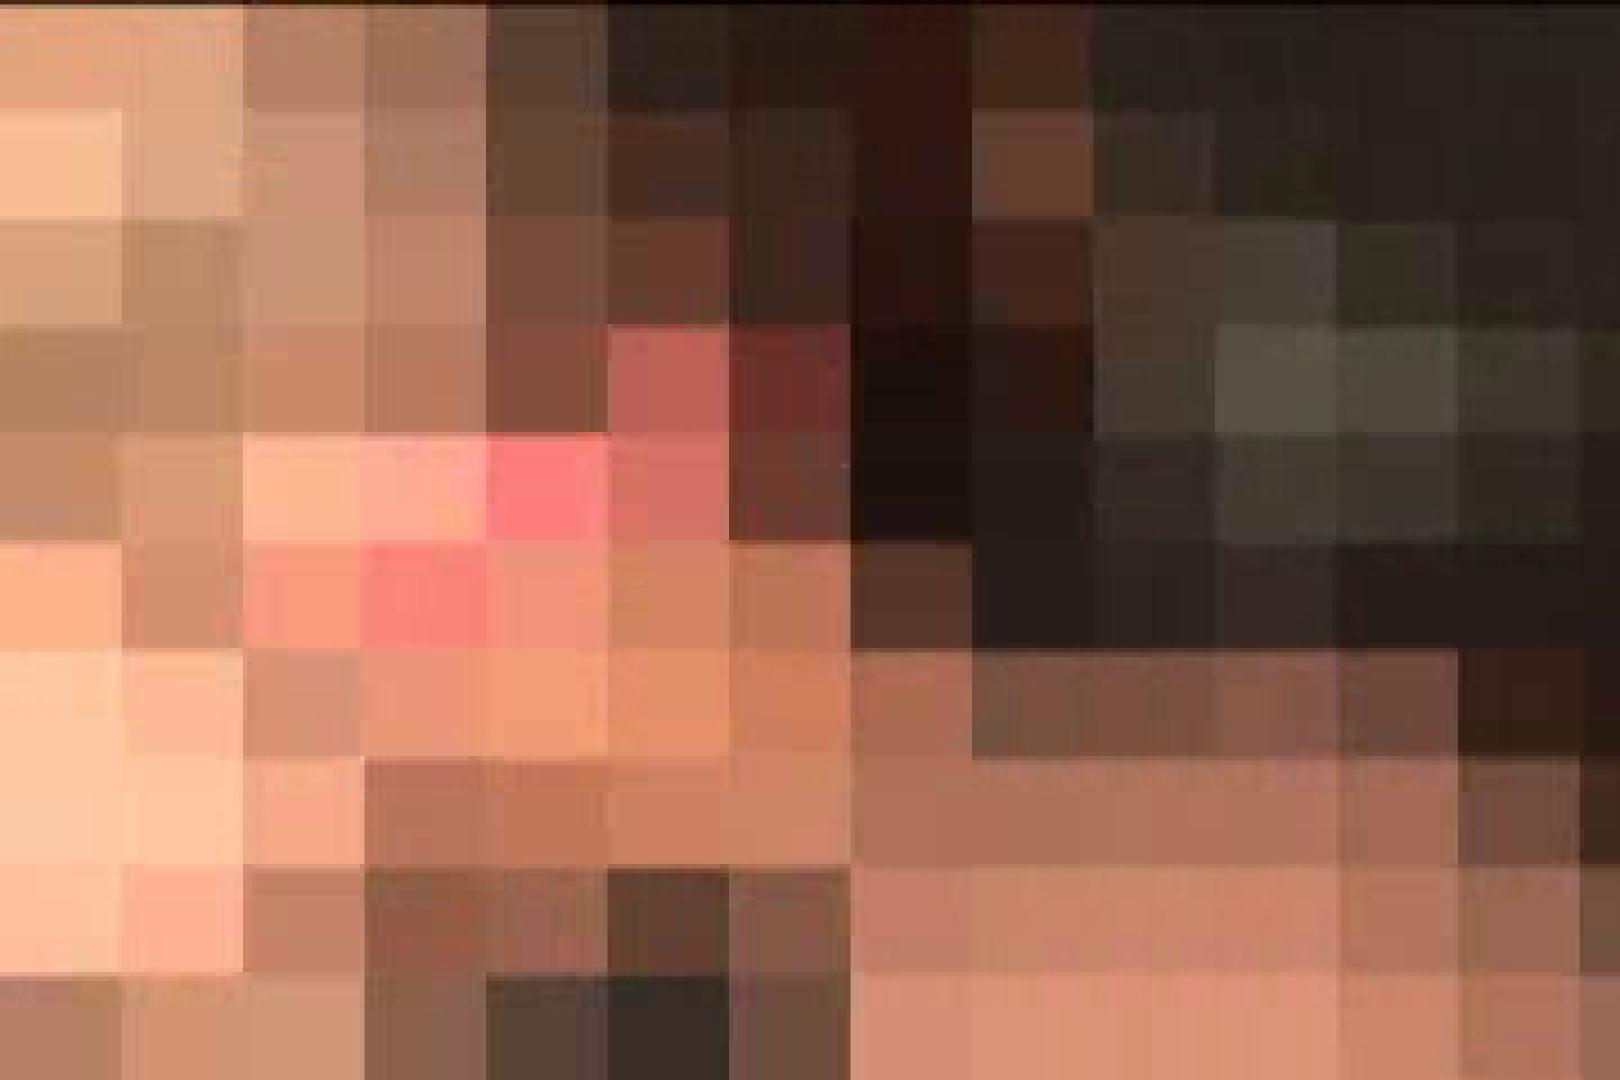 悶絶!!ケツマンFighters!! Part.04 顔射DE行く ゲイエロビデオ画像 79pic 59